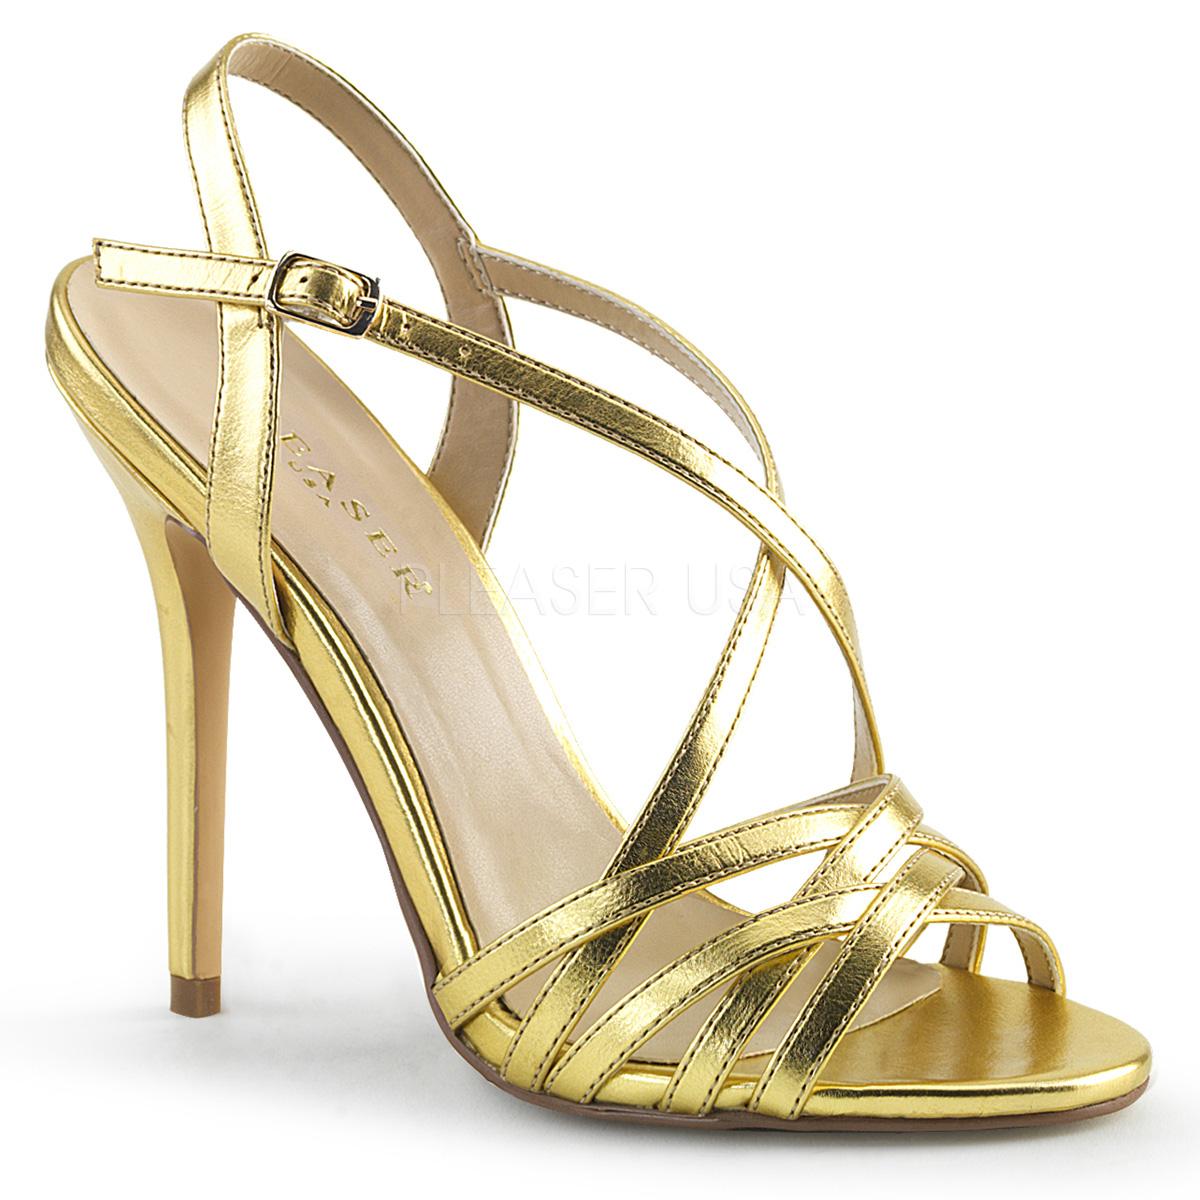 69abb0b6fd scarpe con tacco alto & calzature tacchi alti scarpe pleaser